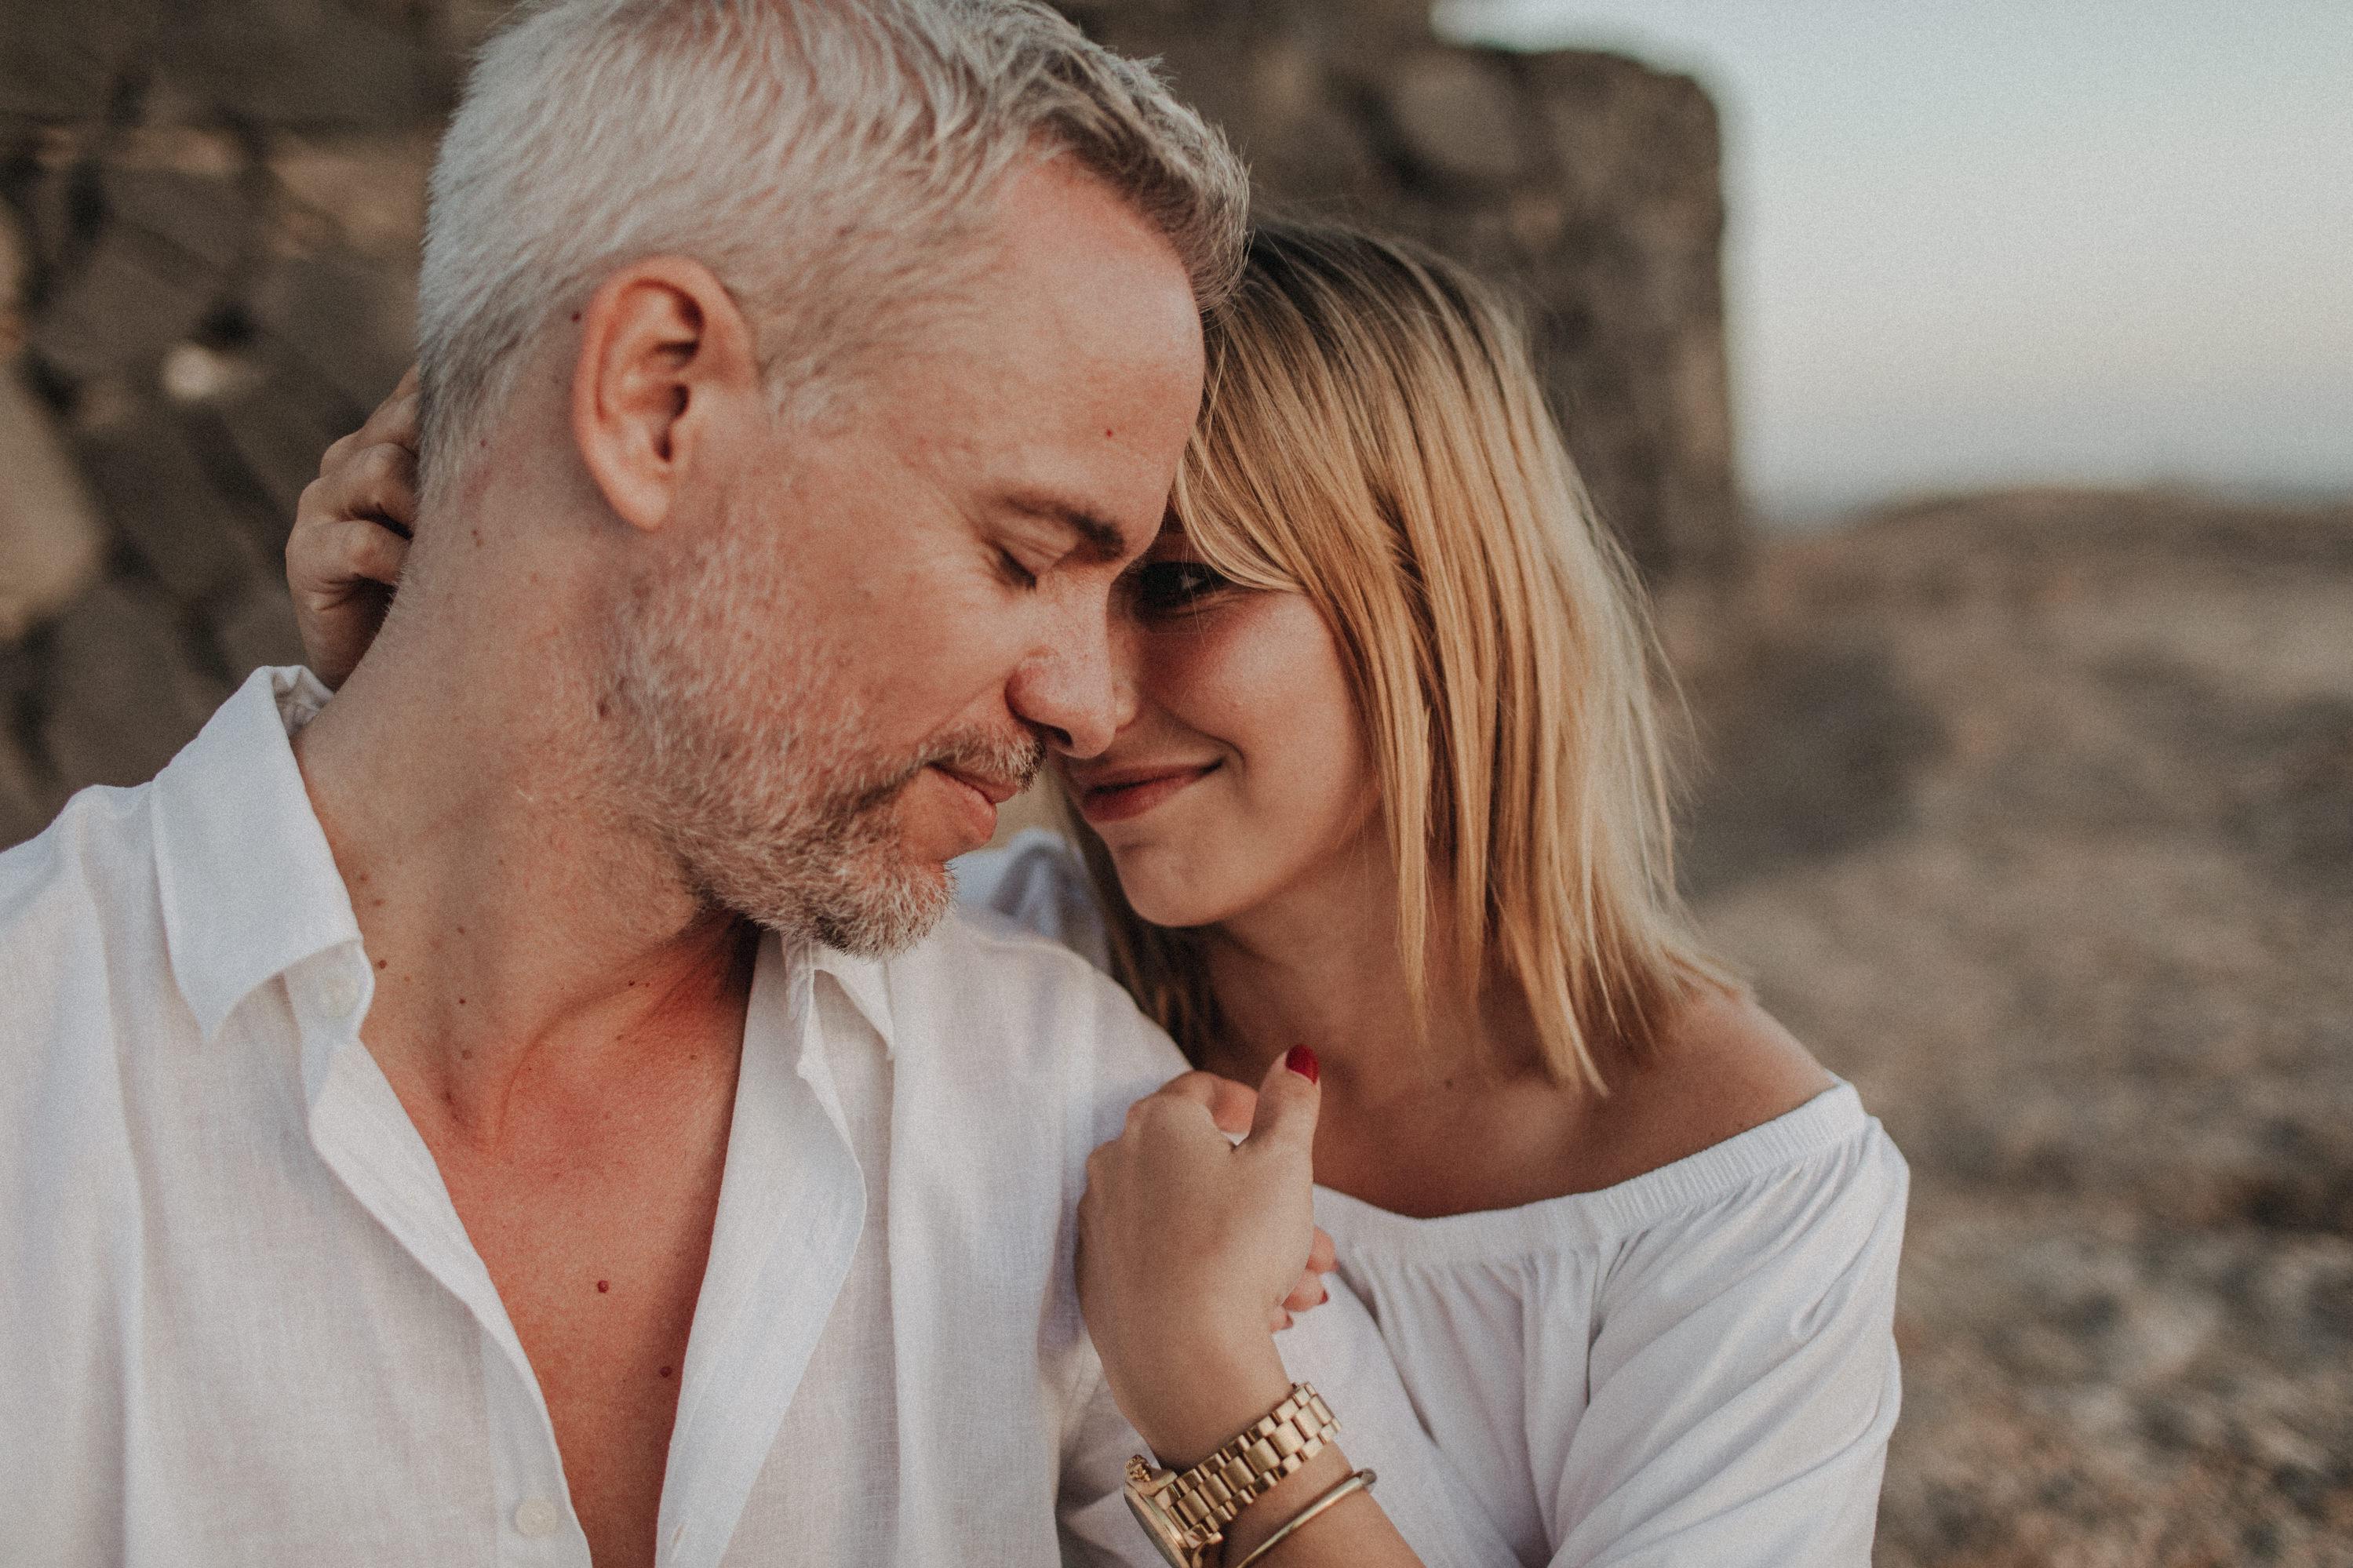 Aufgenommen von den Hochzeitsfotografen Tom und Lia aus Rostock. Zu sehen ist ein Foto aus Costa Adeje.